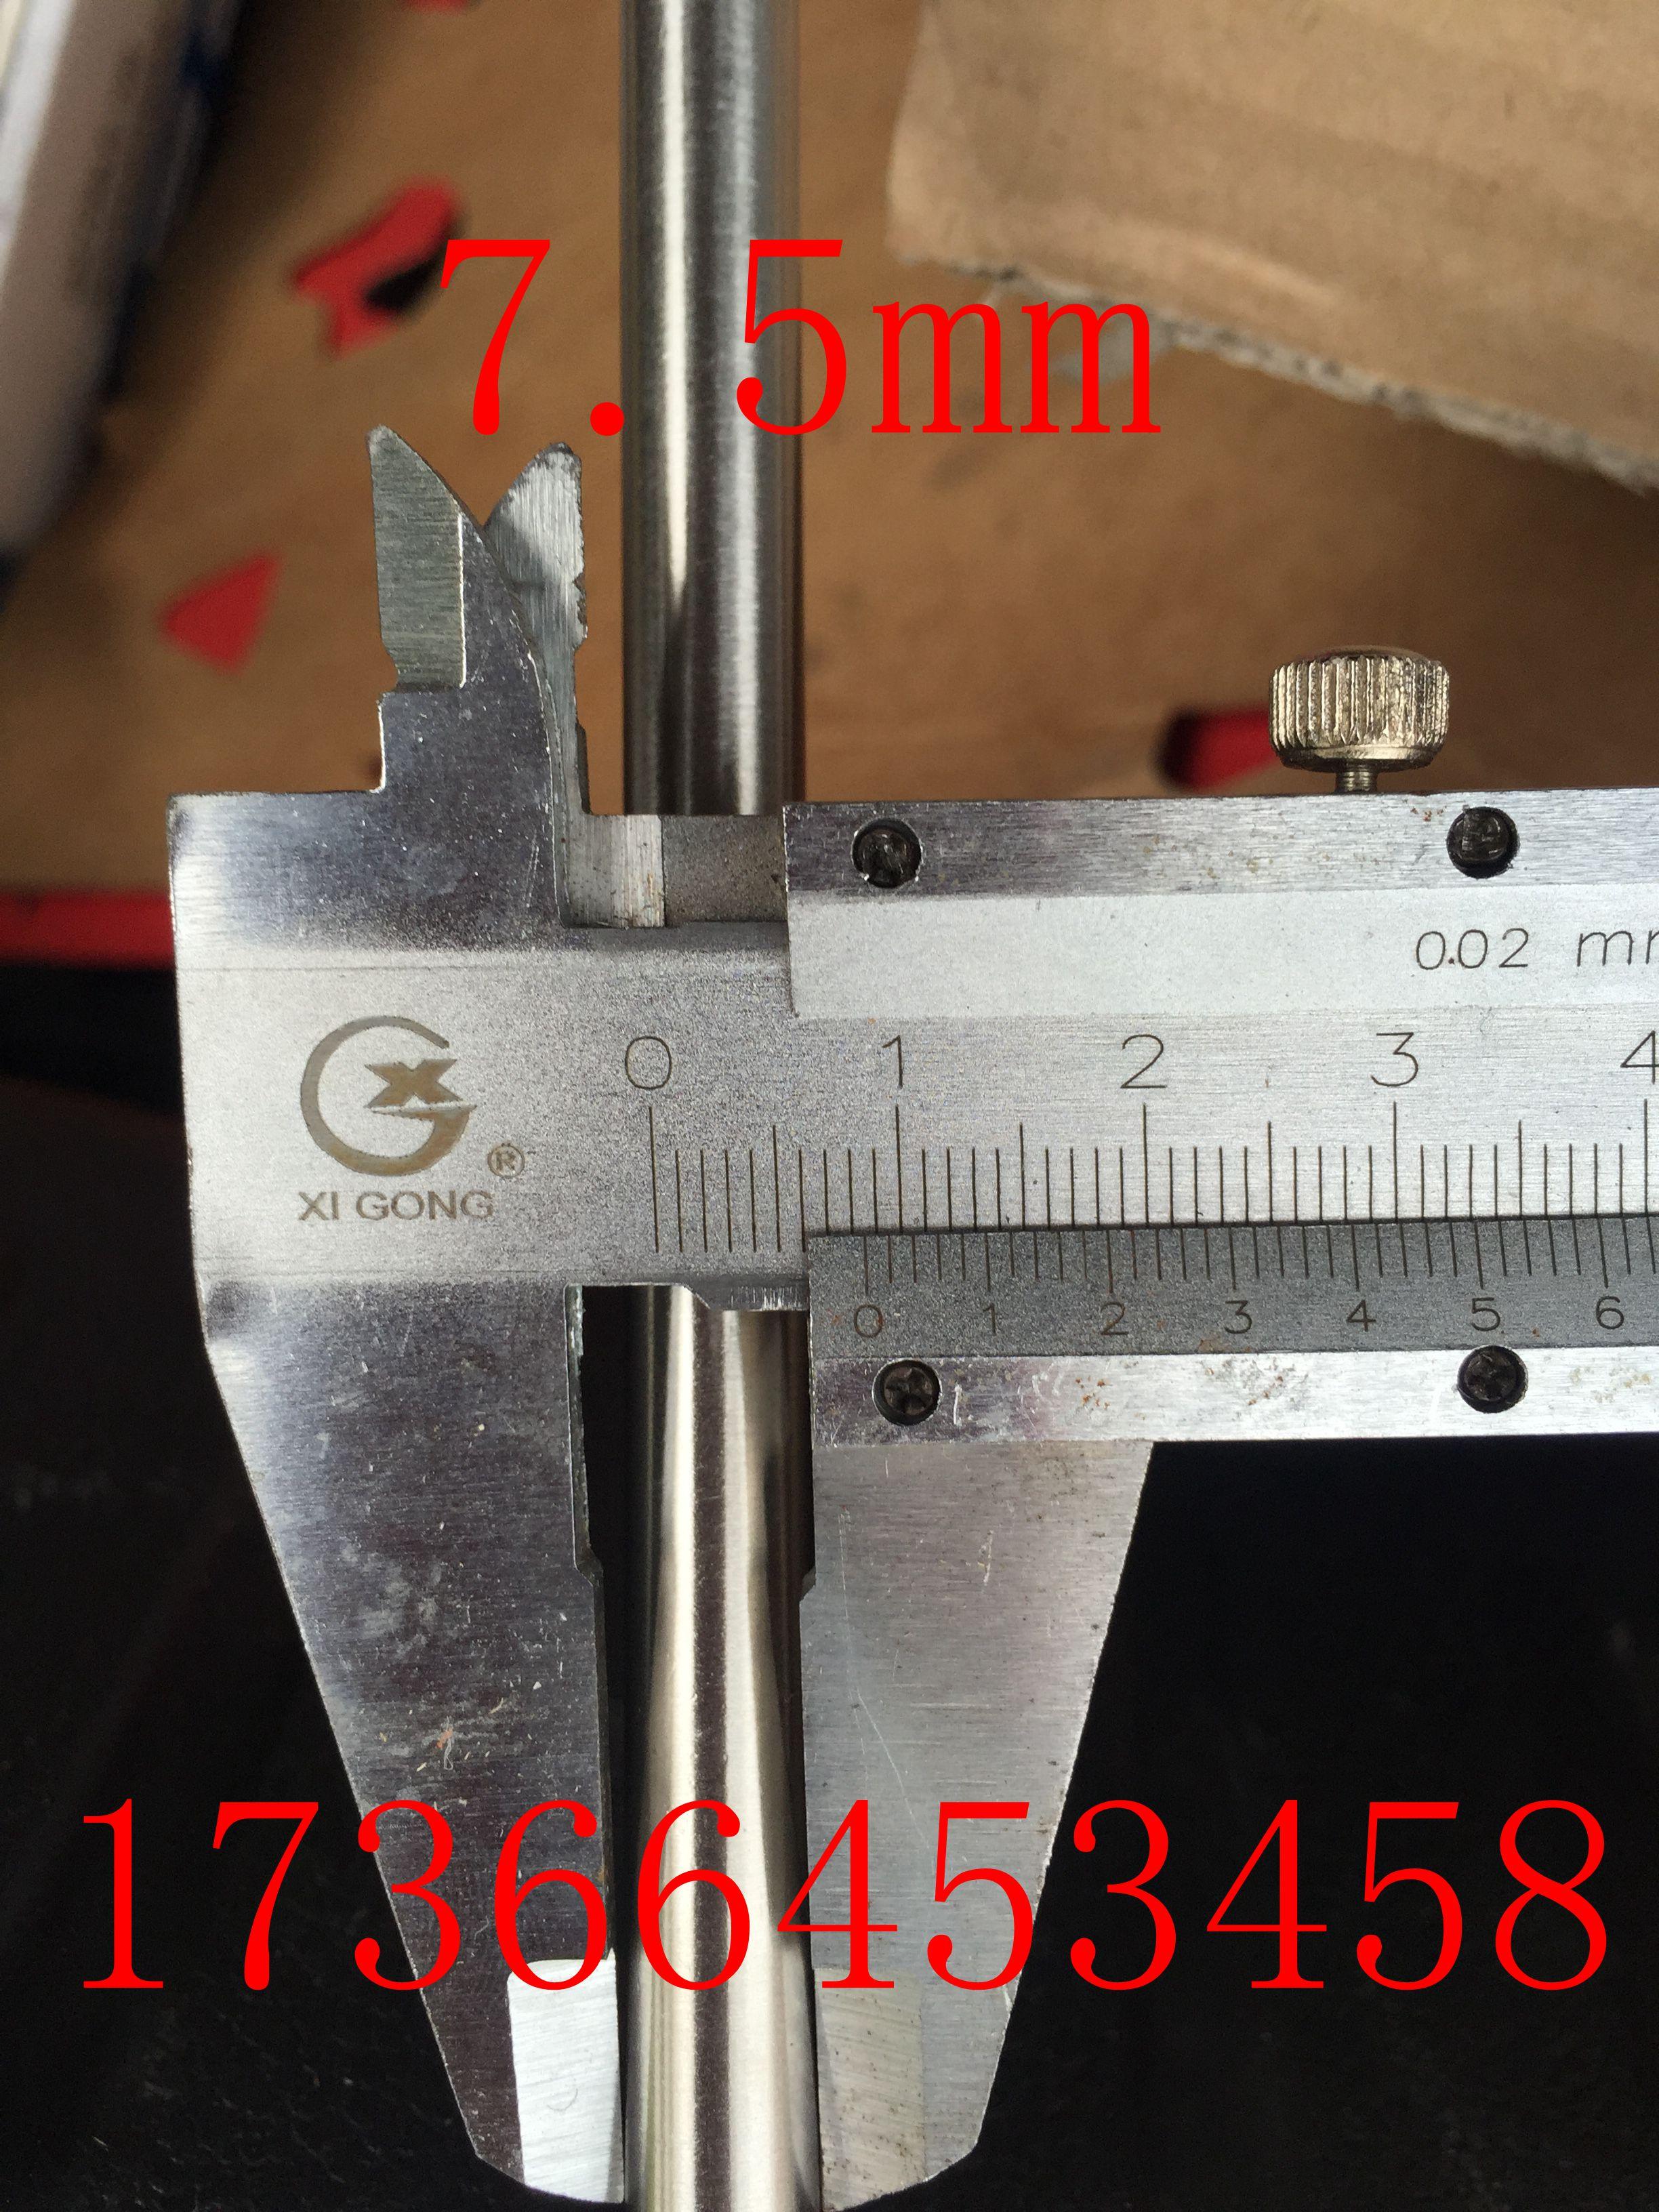 不锈钢管 304 外径 2.5 3.5 4.5 5.5 6.5 7.5 8.5 壁厚1mm现货